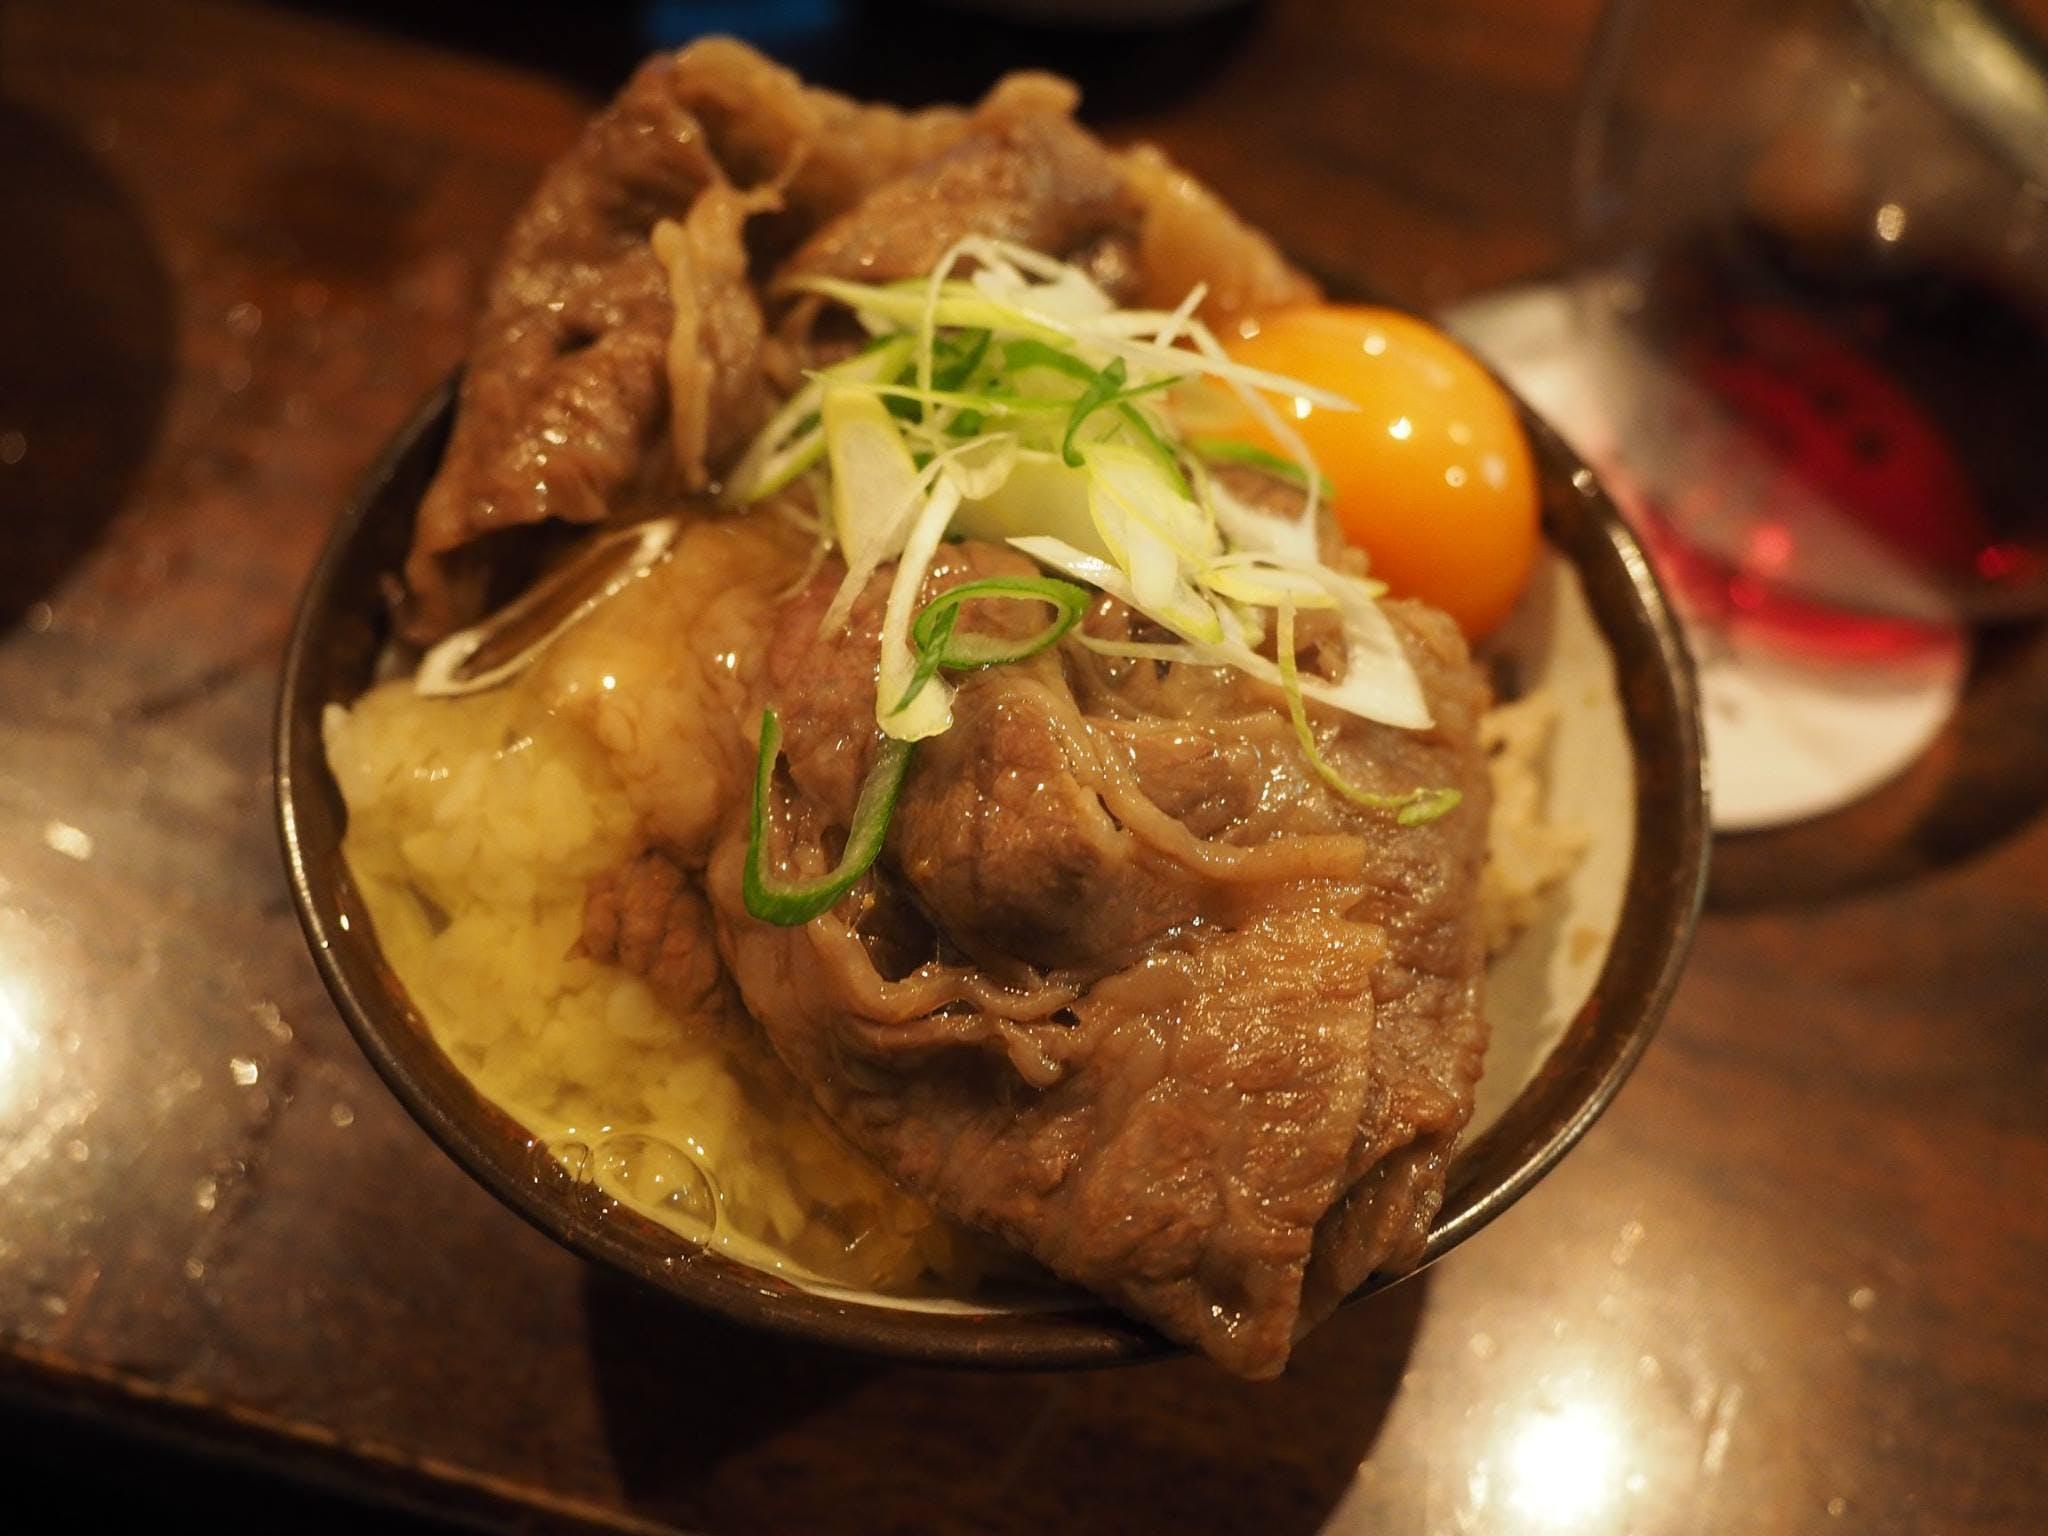 松茸すき焼きの会、松茸ご飯に飛騨牛すき焼きてんこ盛り